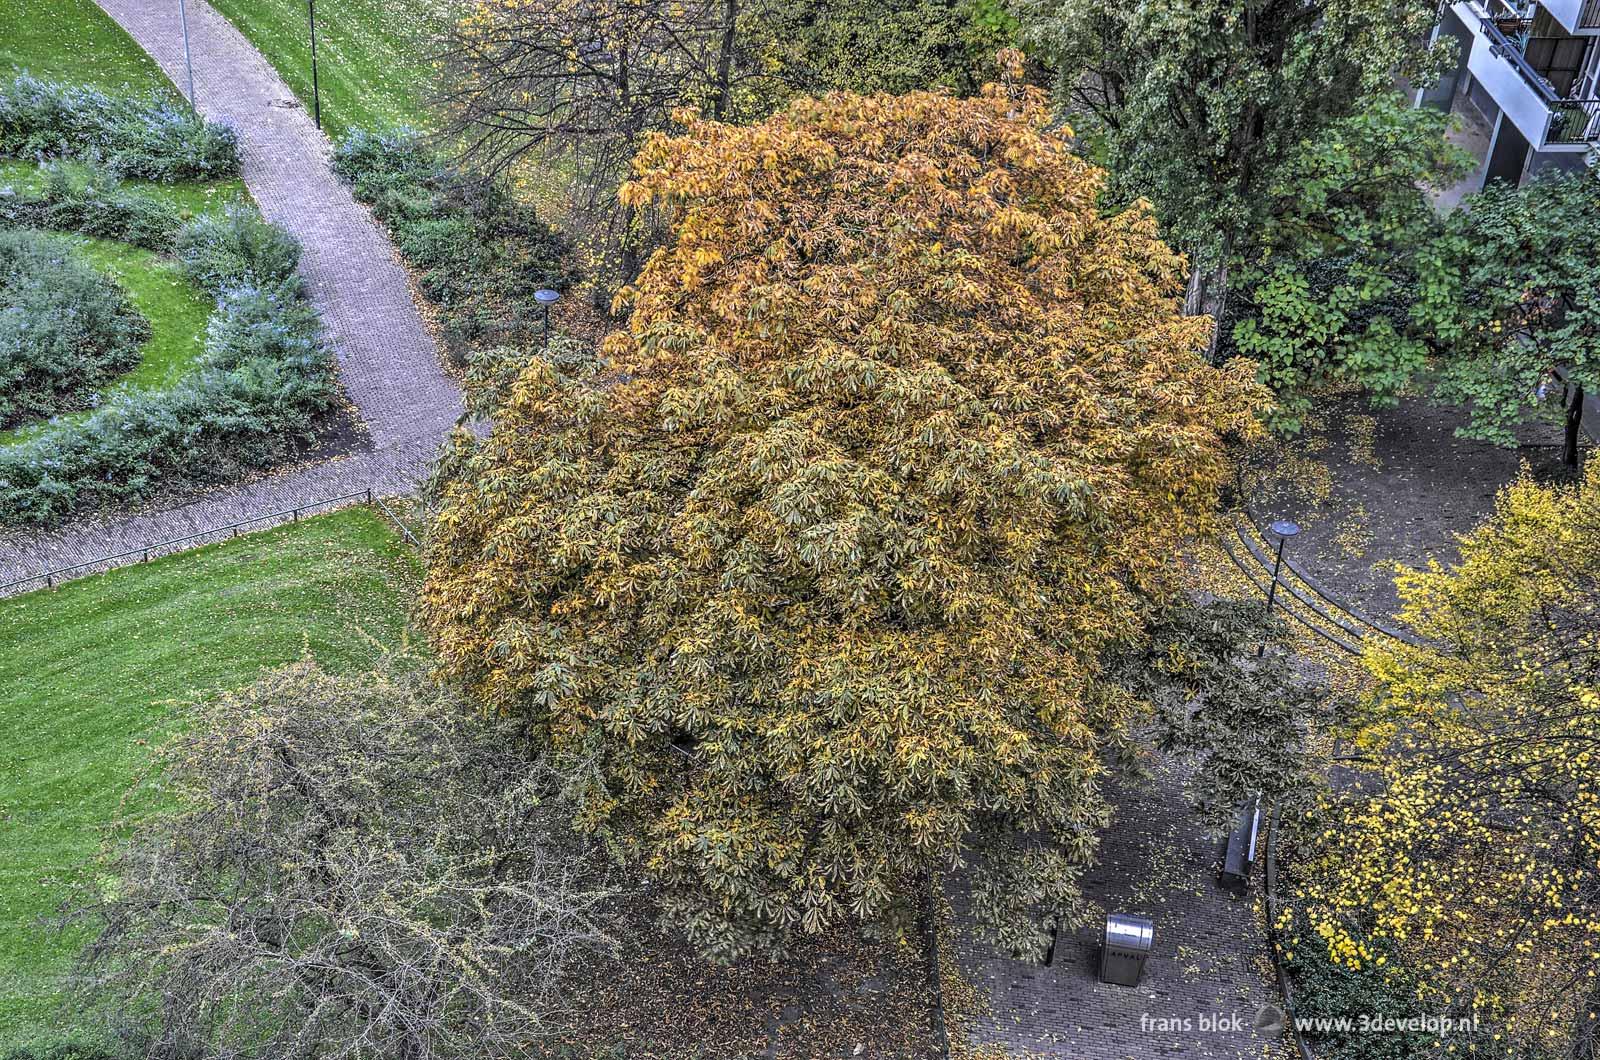 De kastanjeboom in een van de Lijnbaanhoven tijdens de herfst, gezien van boven